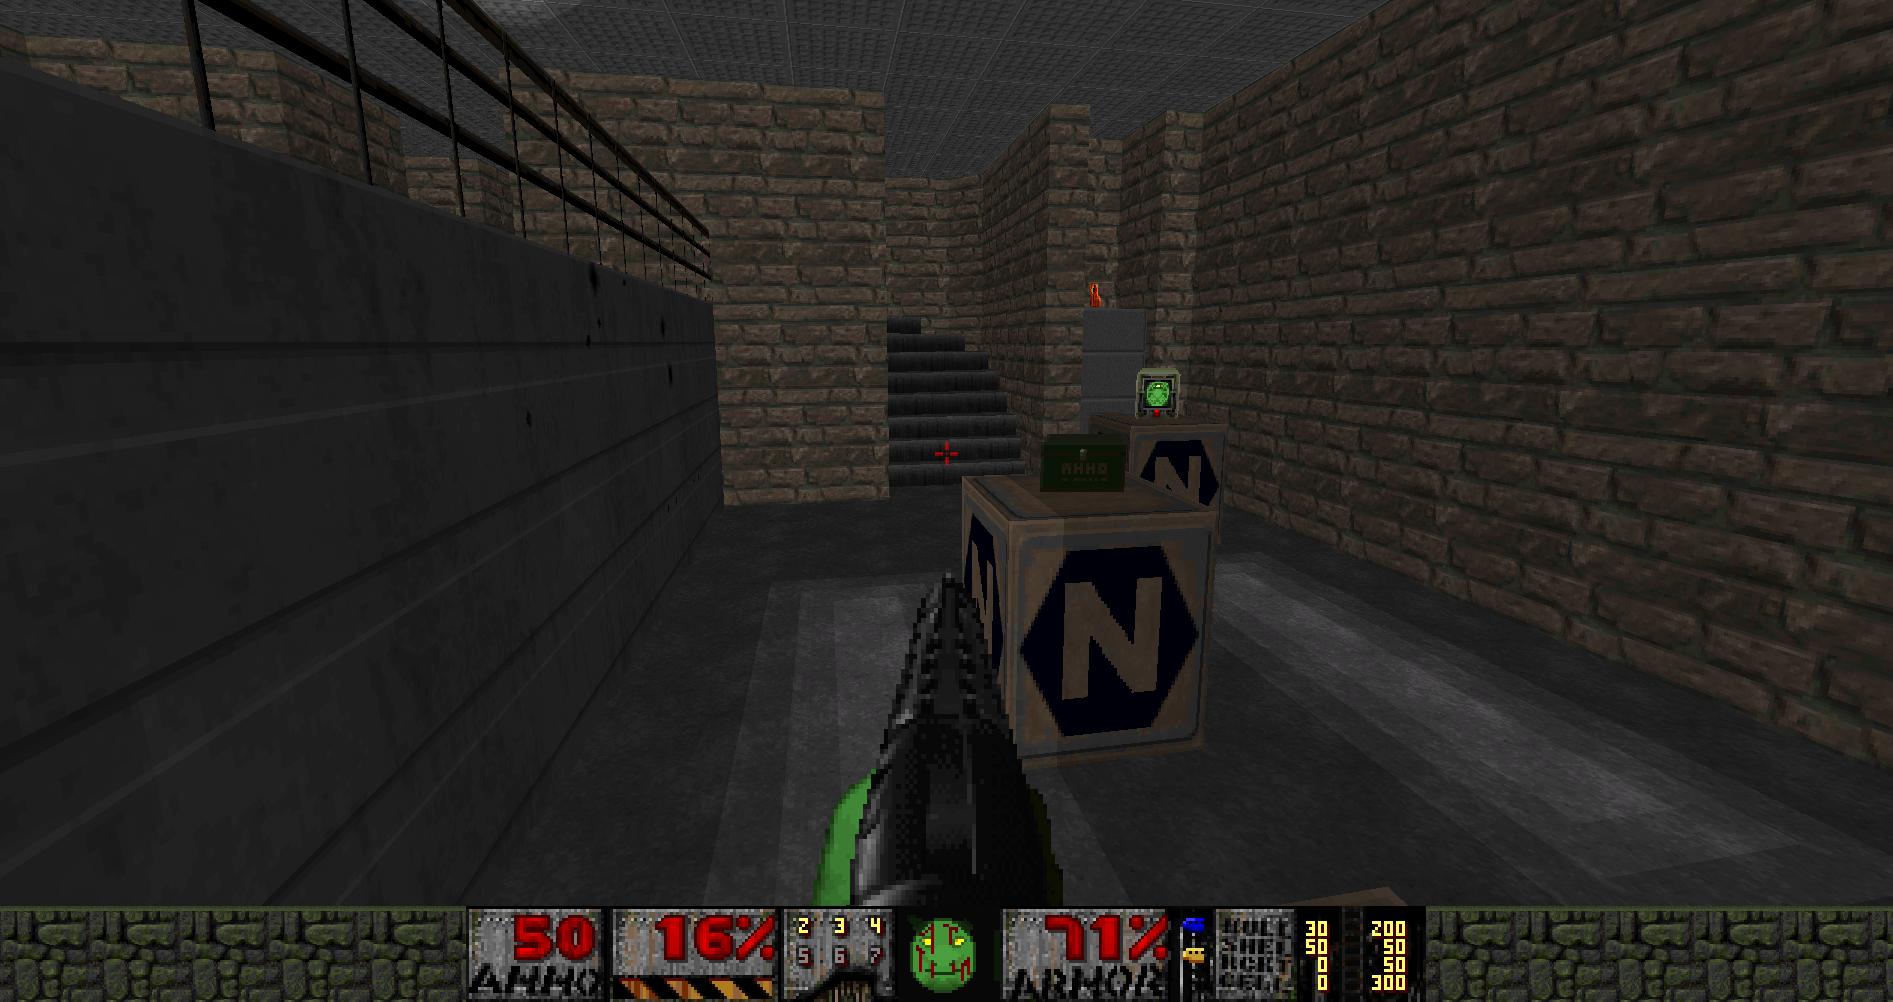 Screenshot_Doom_20210504_072455.png